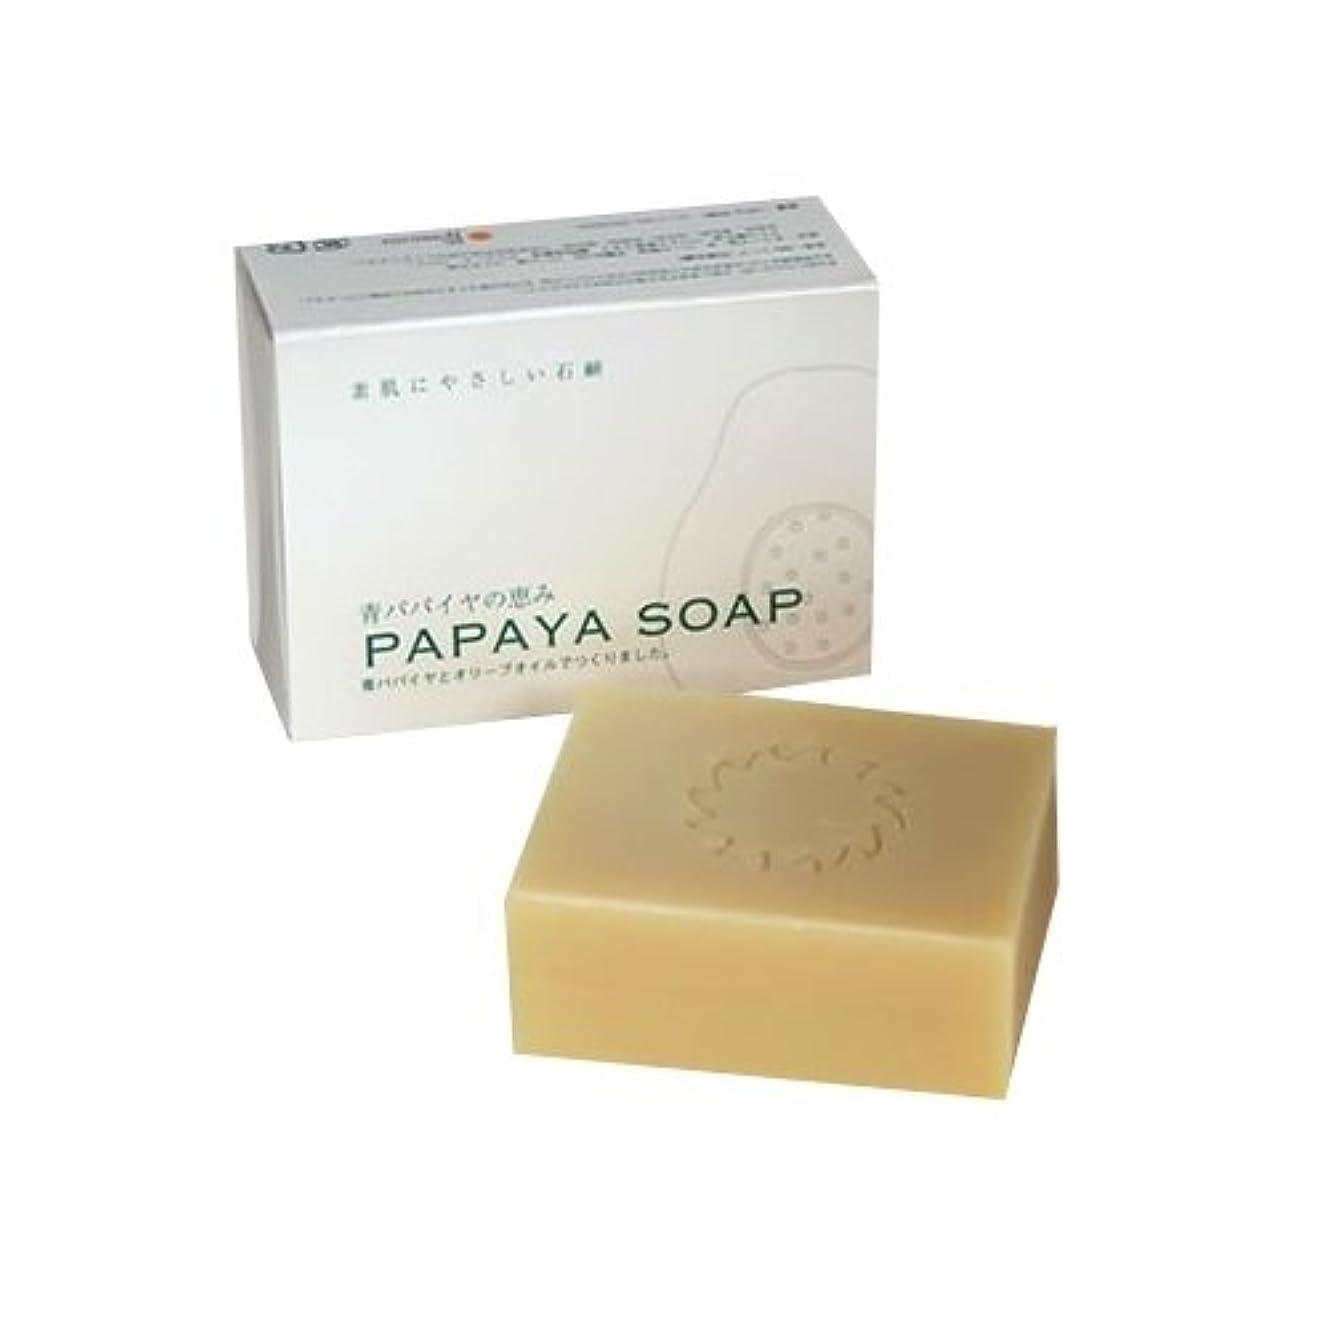 モットー感謝祭類似性青パパイヤの恵み PAPAYA SOAP(パパイヤソープ) 100g